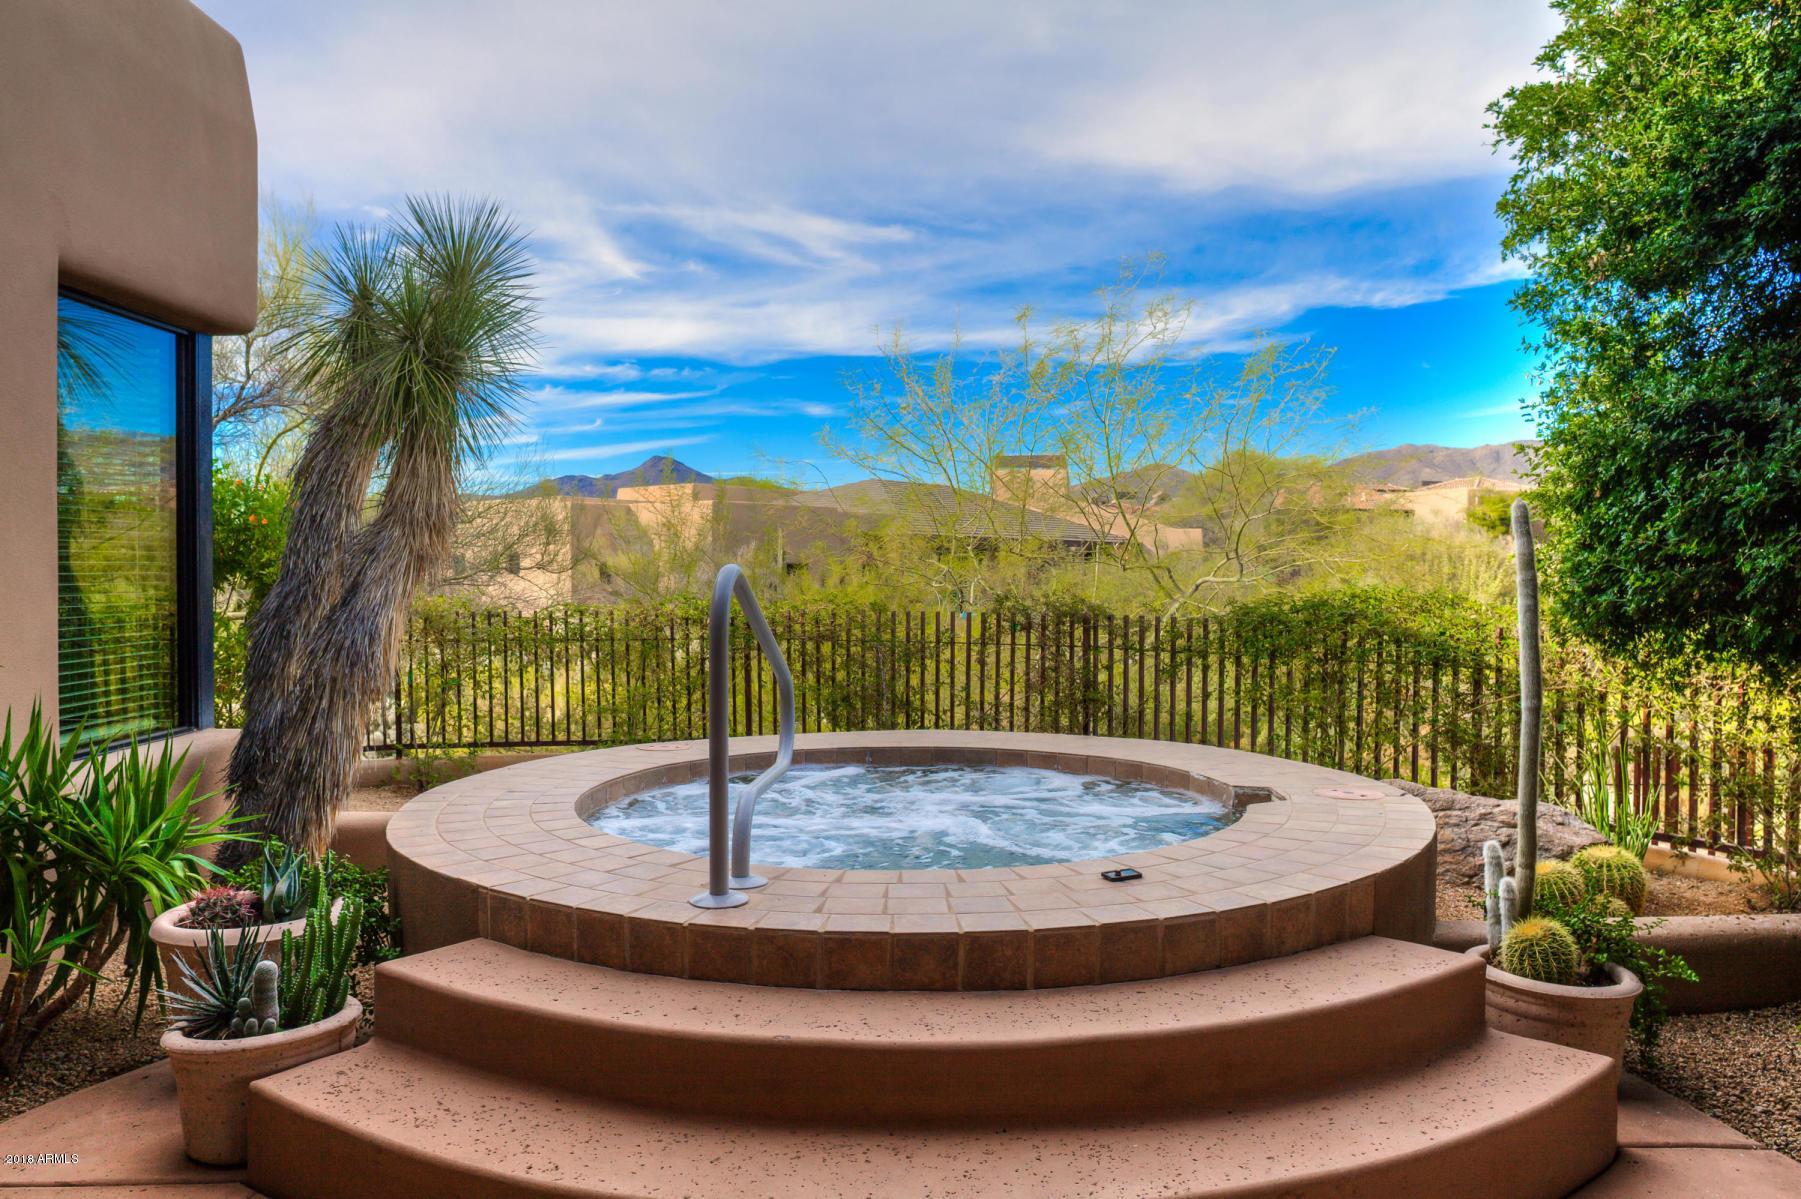 MLS 5848878 10276 E NOLINA Trail, Scottsdale, AZ 85262 Scottsdale AZ Gated